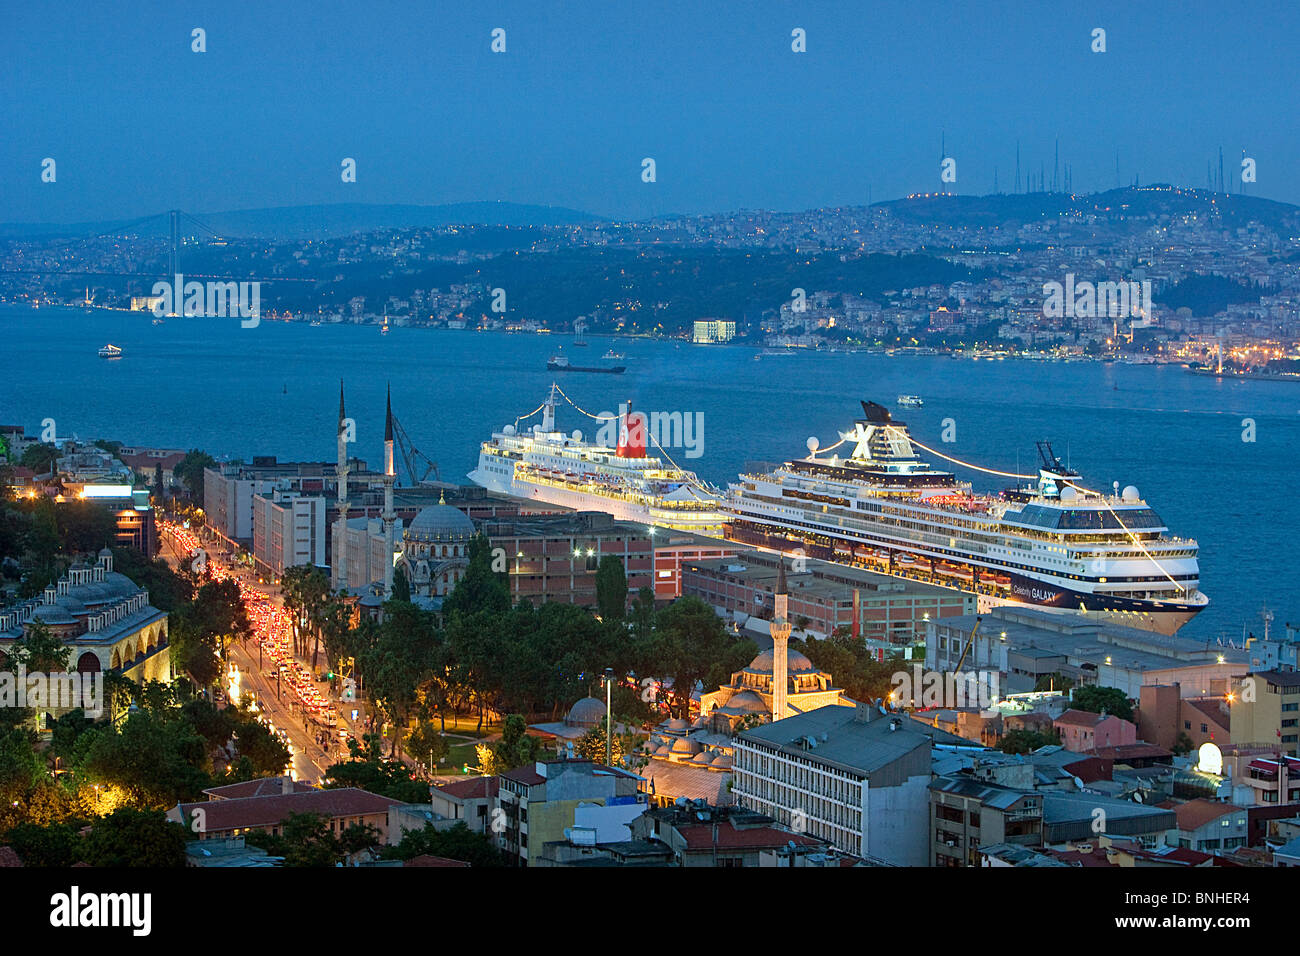 Turkey June 2008 Istanbul city Bosphorus Strait sea coast cruise ships ship port lights twilight dusk - Stock Image